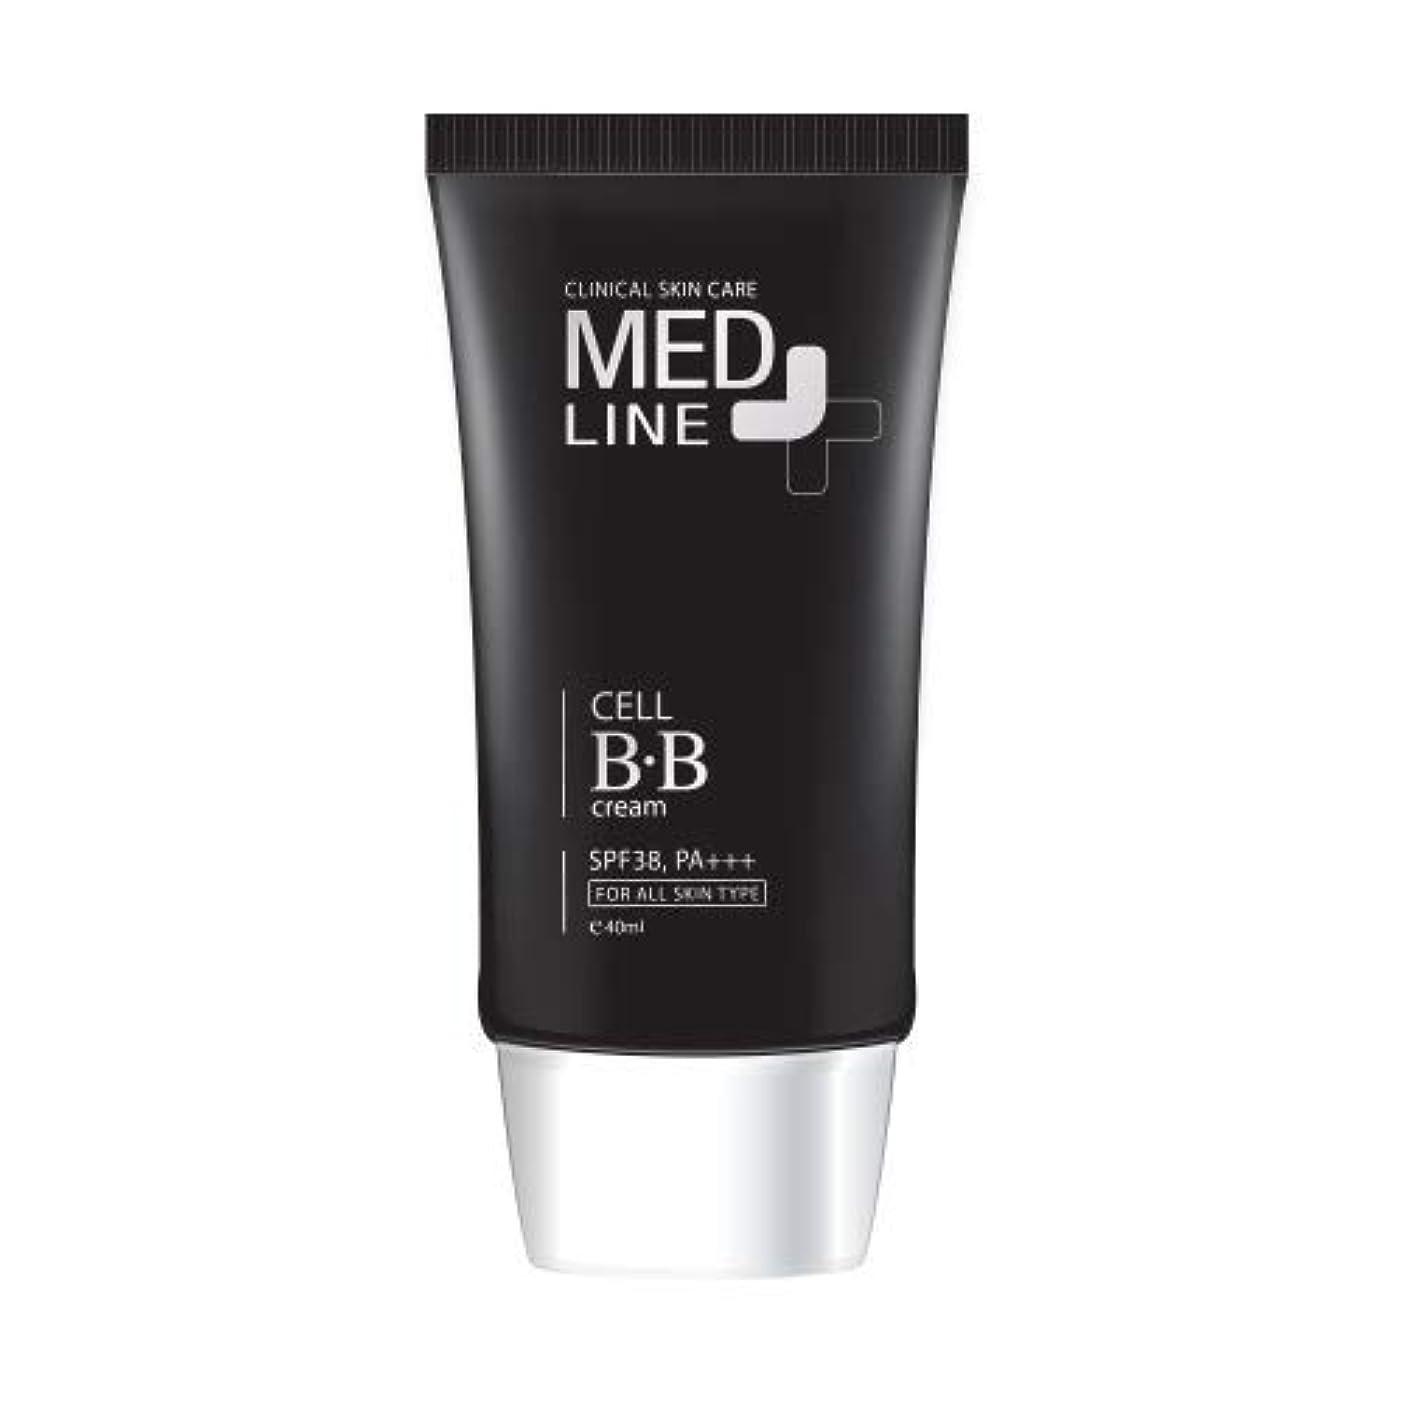 フォロートマトながらメドライン(Med Line) セルBBクリーム(Cell B.B Cream)